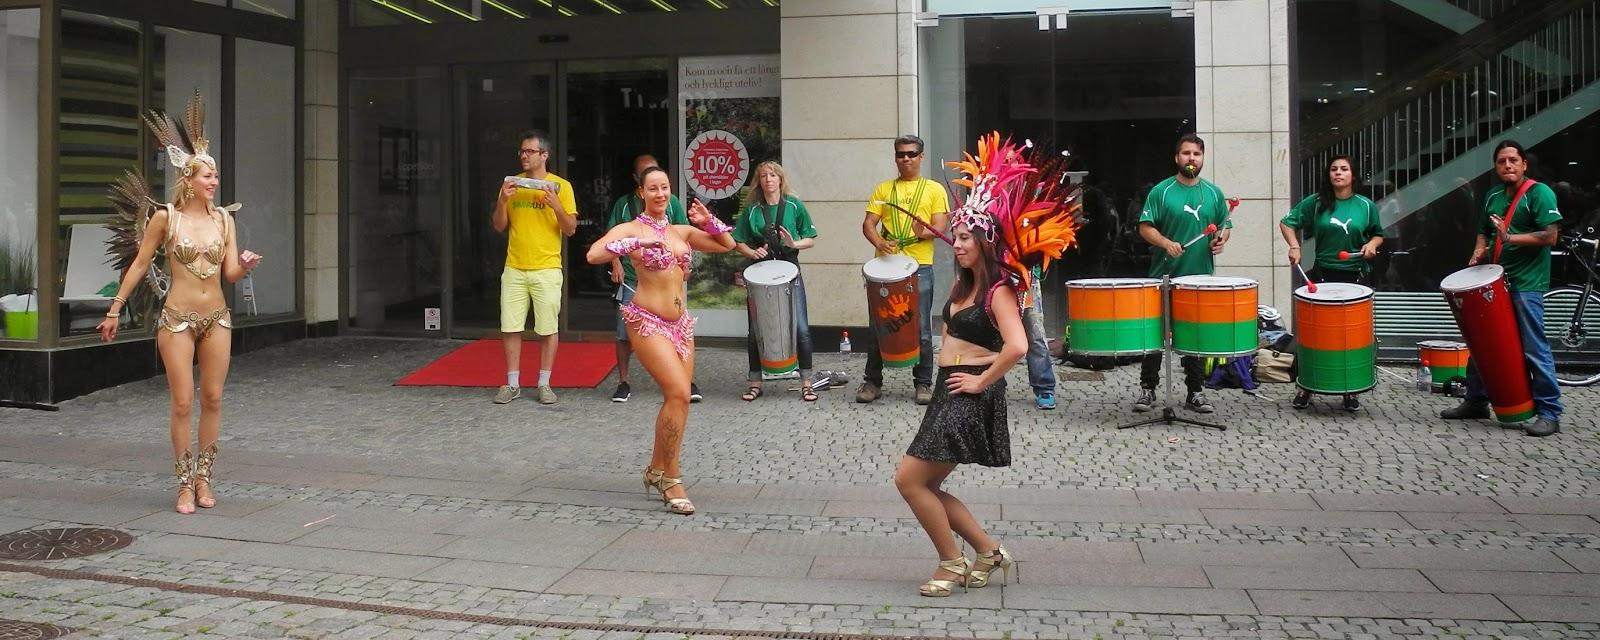 par arab dansa i Malmö